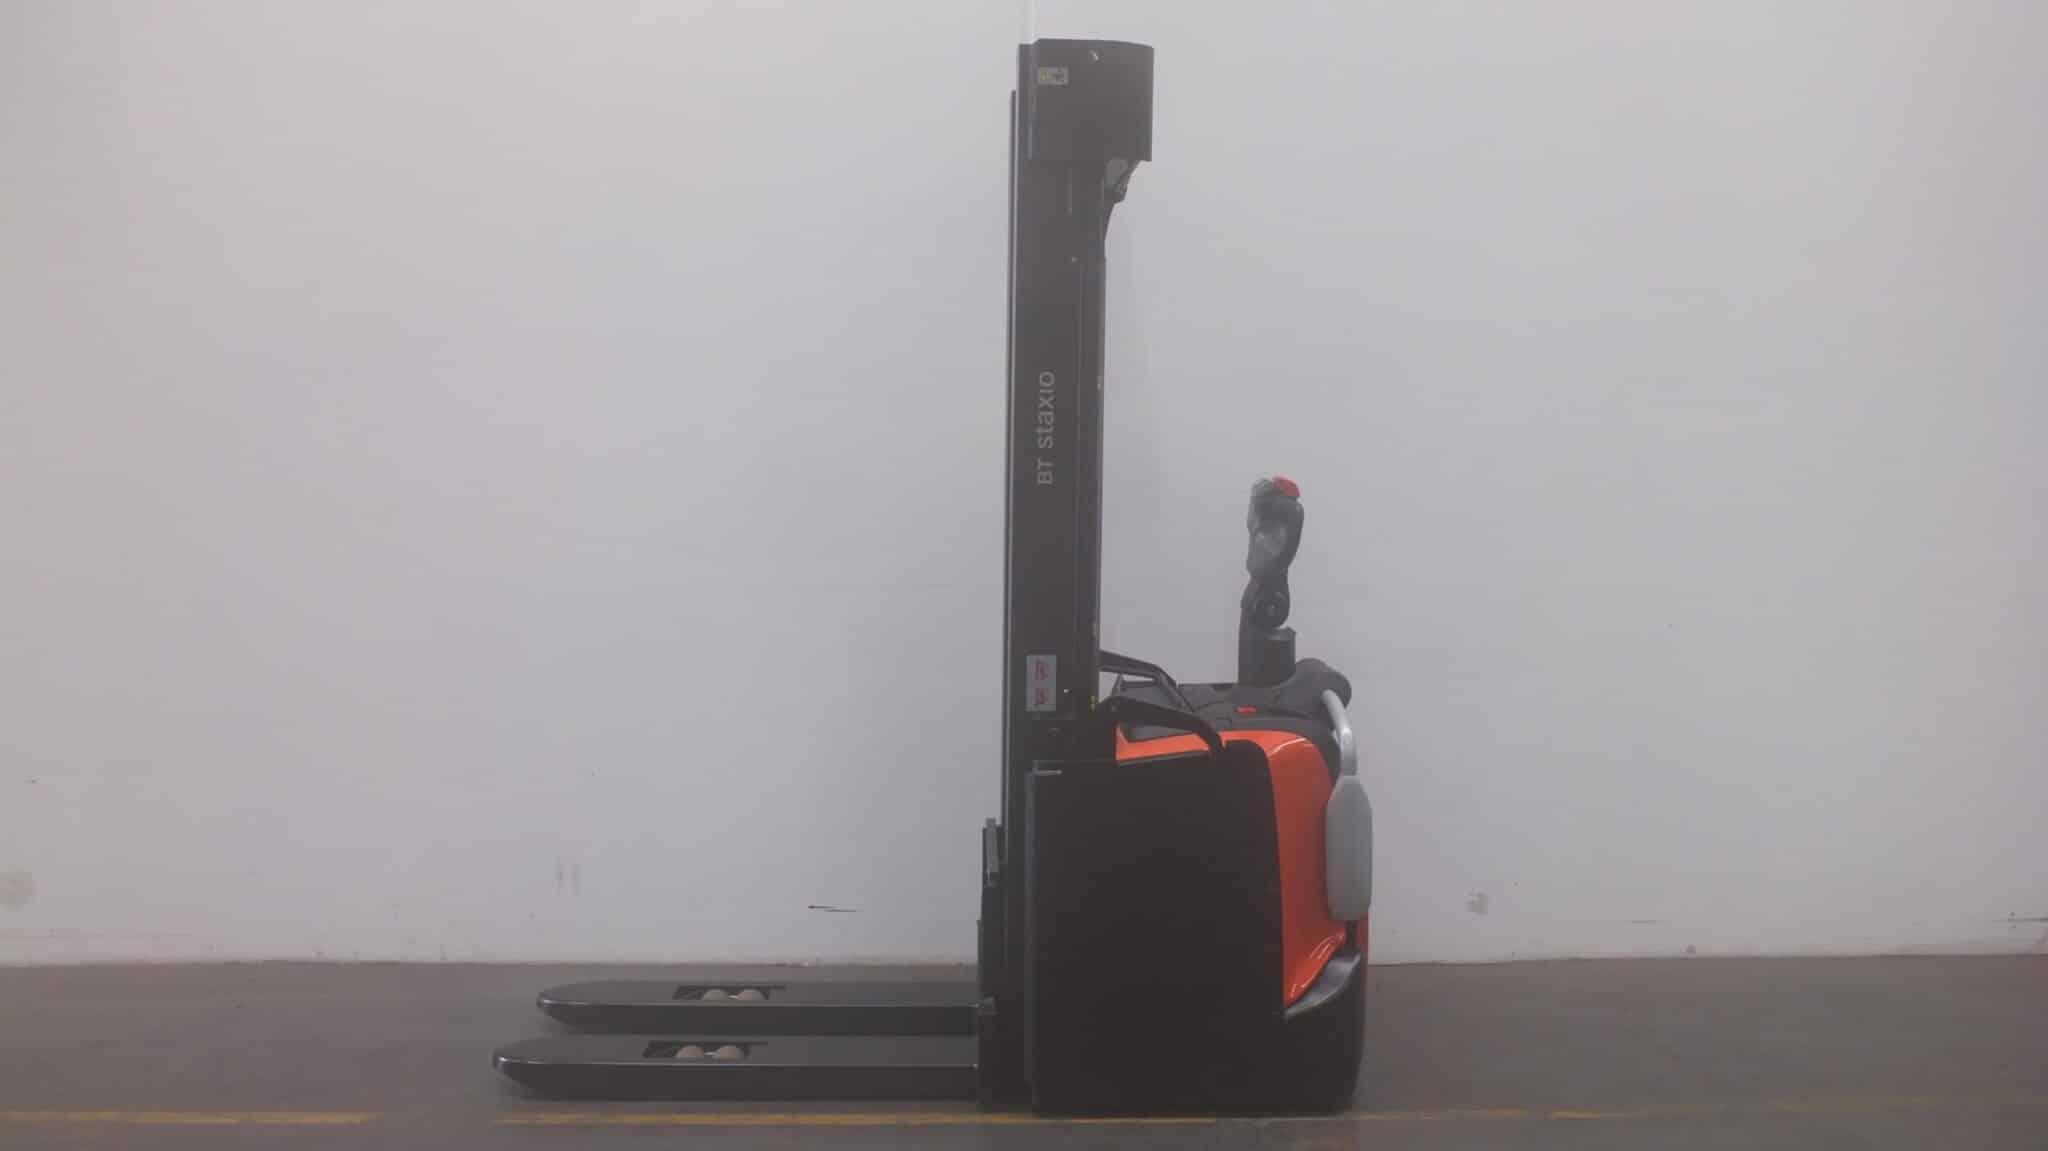 Toyota-Gabelstapler-59840 1909036242 1 1 scaled